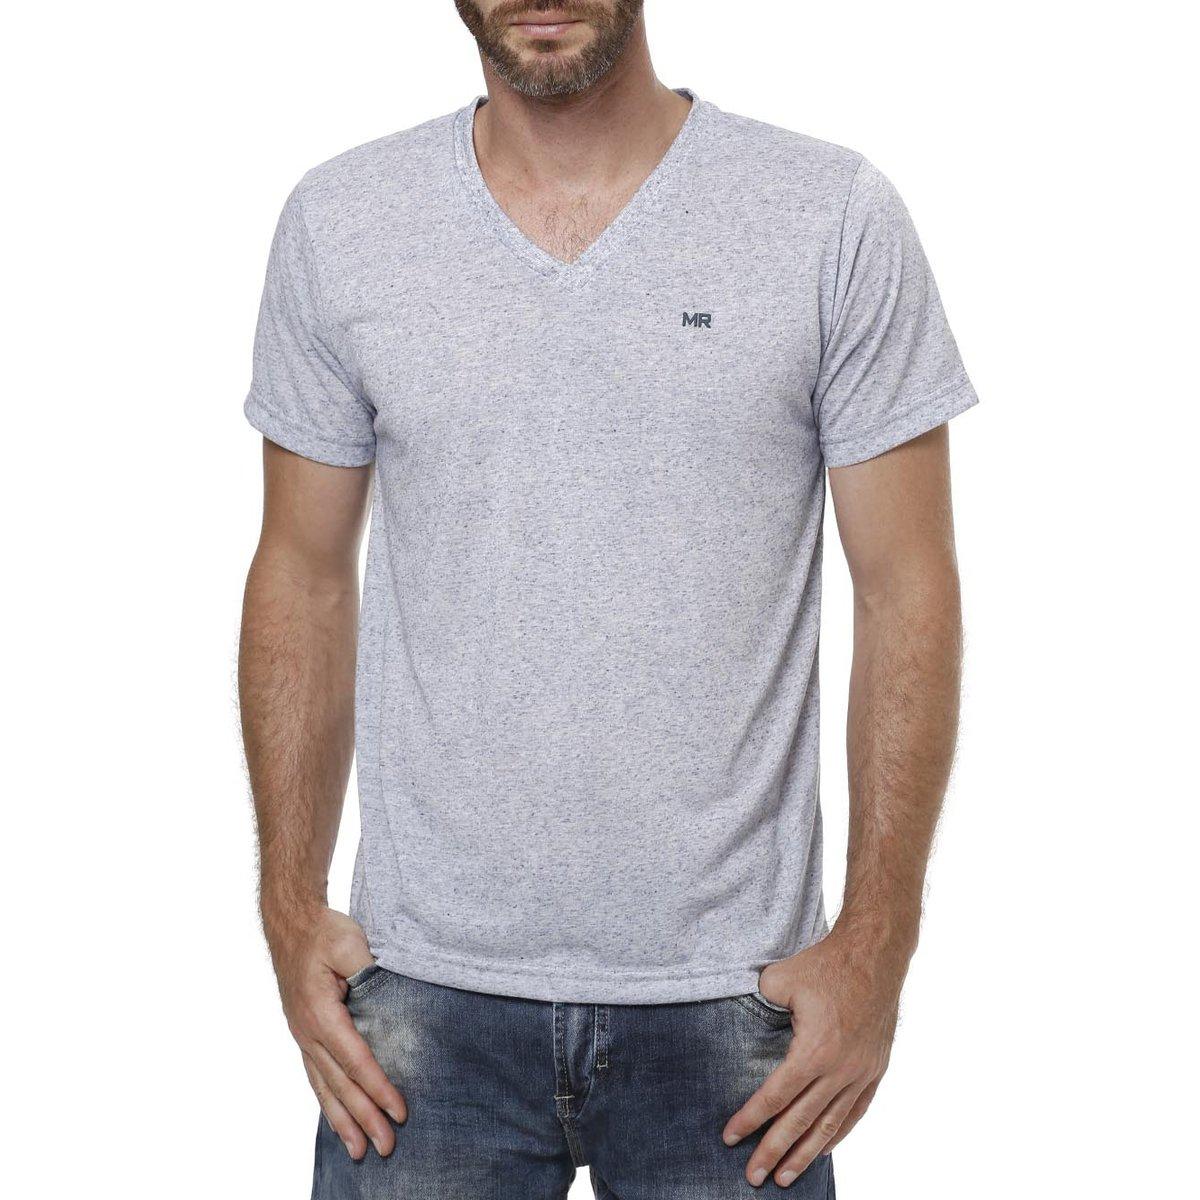 Camiseta Manobra Radical Manga Curta - Compre Agora  c5a832f686f